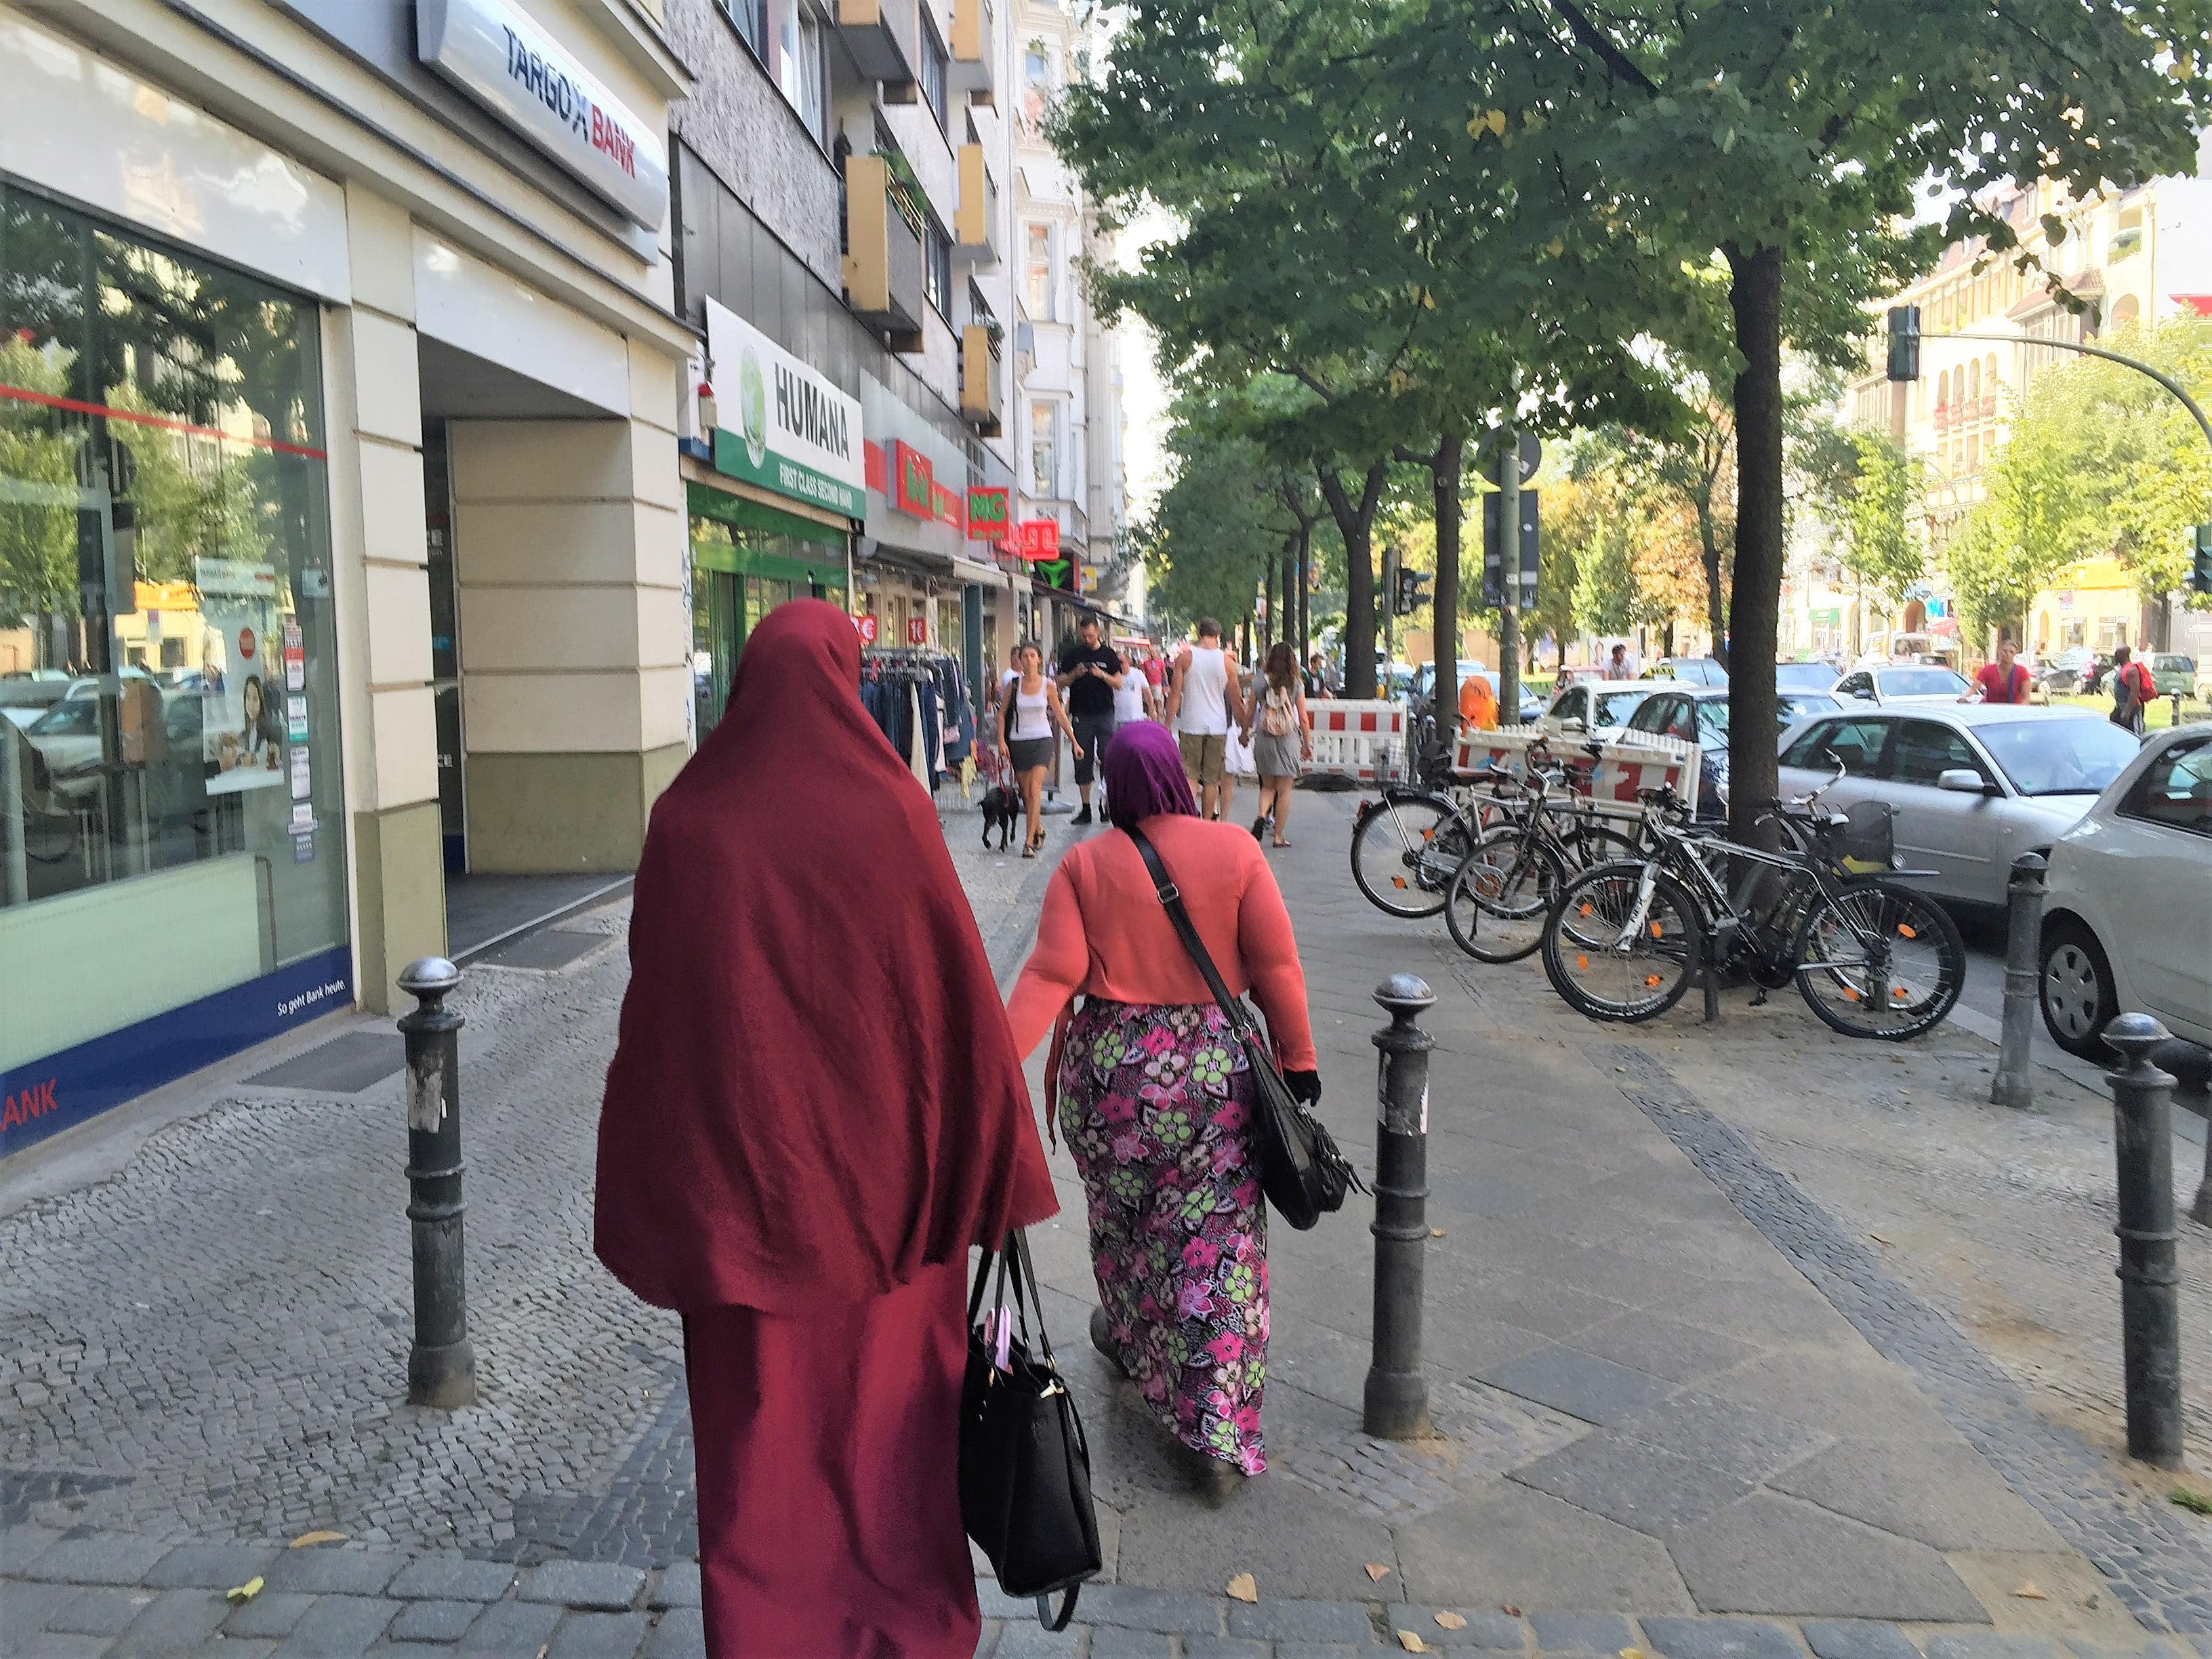 Burka Berlin Neukölln (c) David_Berger